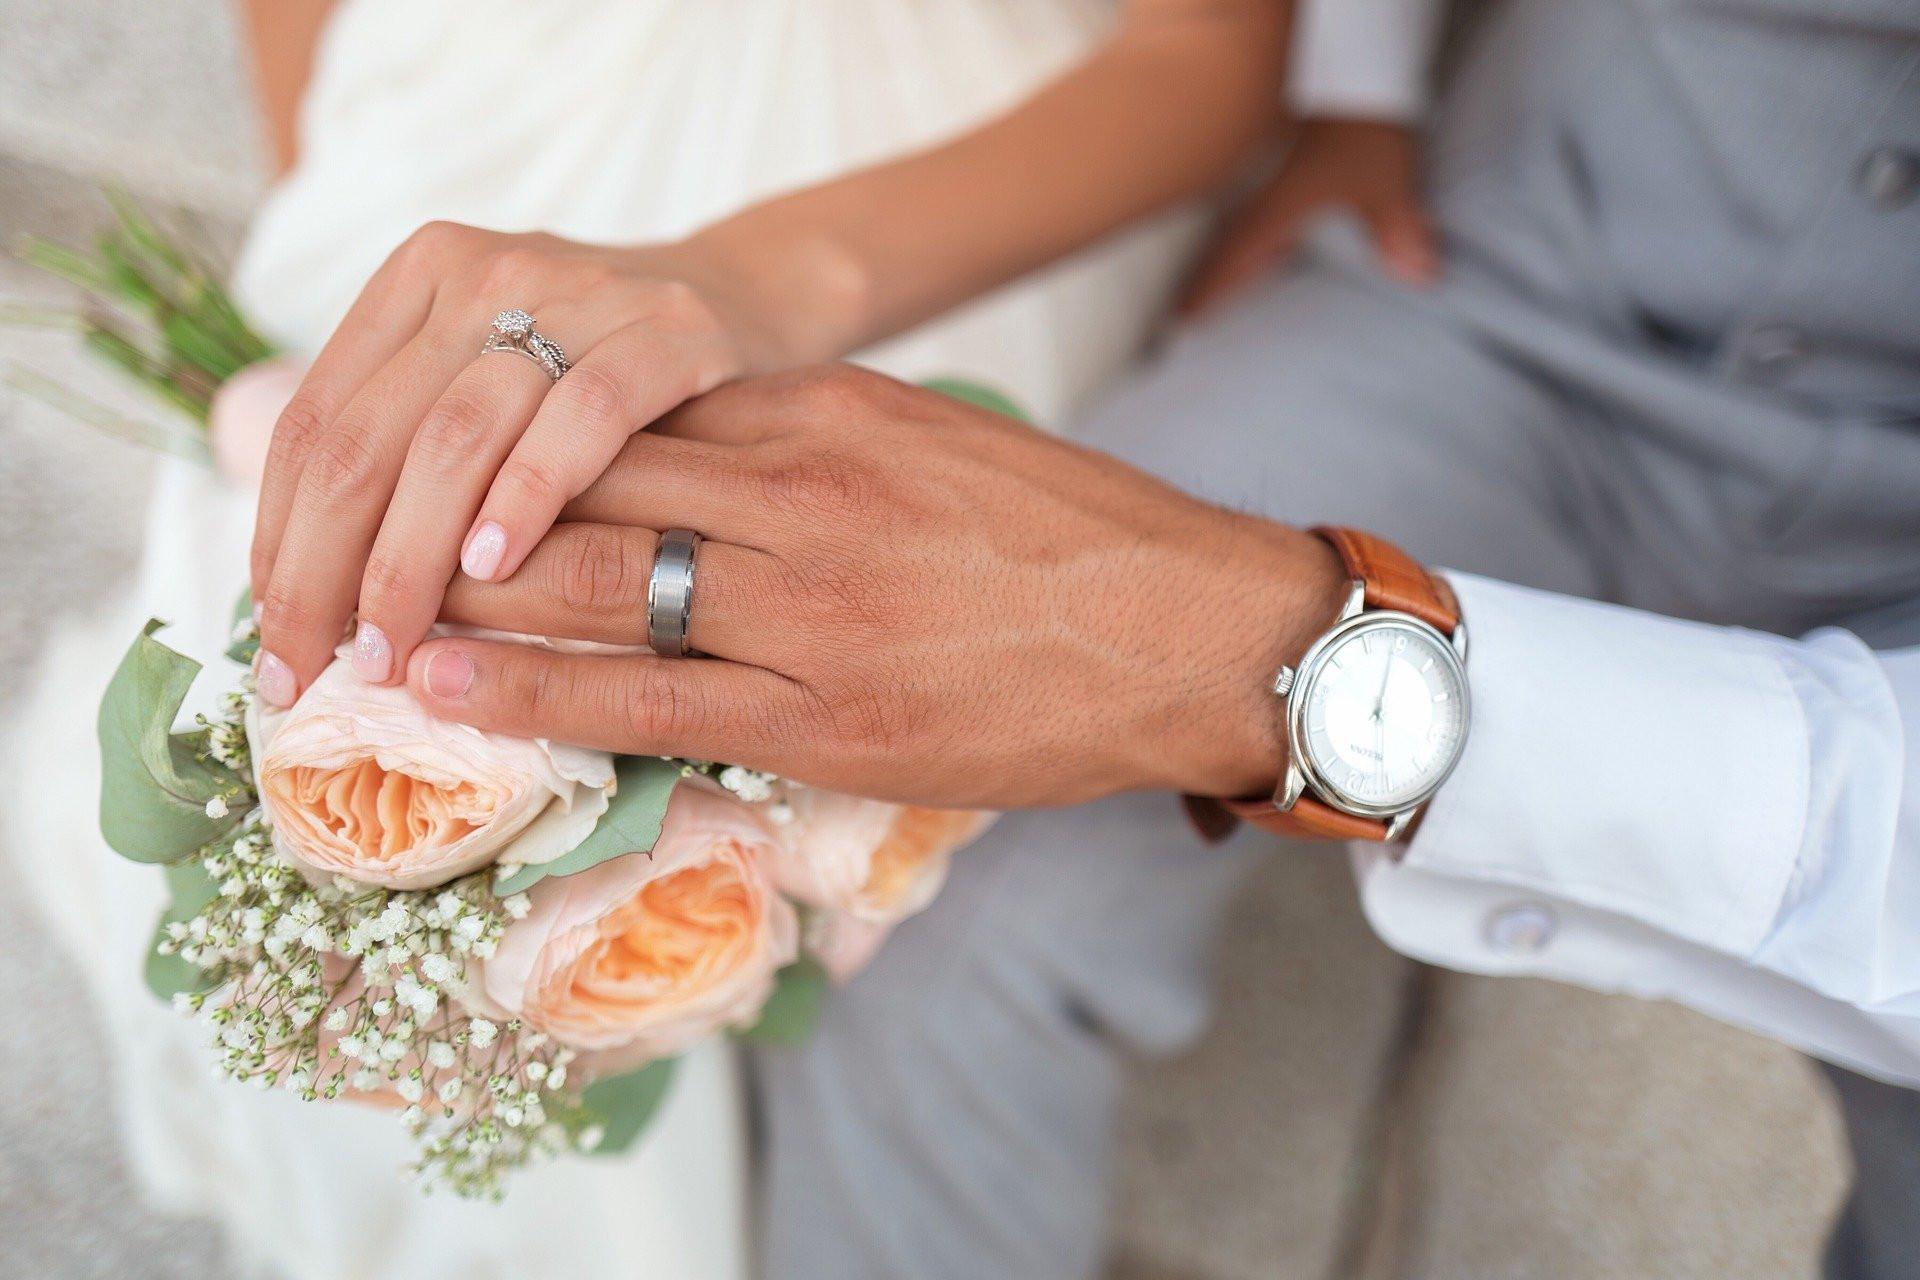 Дальневосточники празднуют самые скромные свадьбы в России